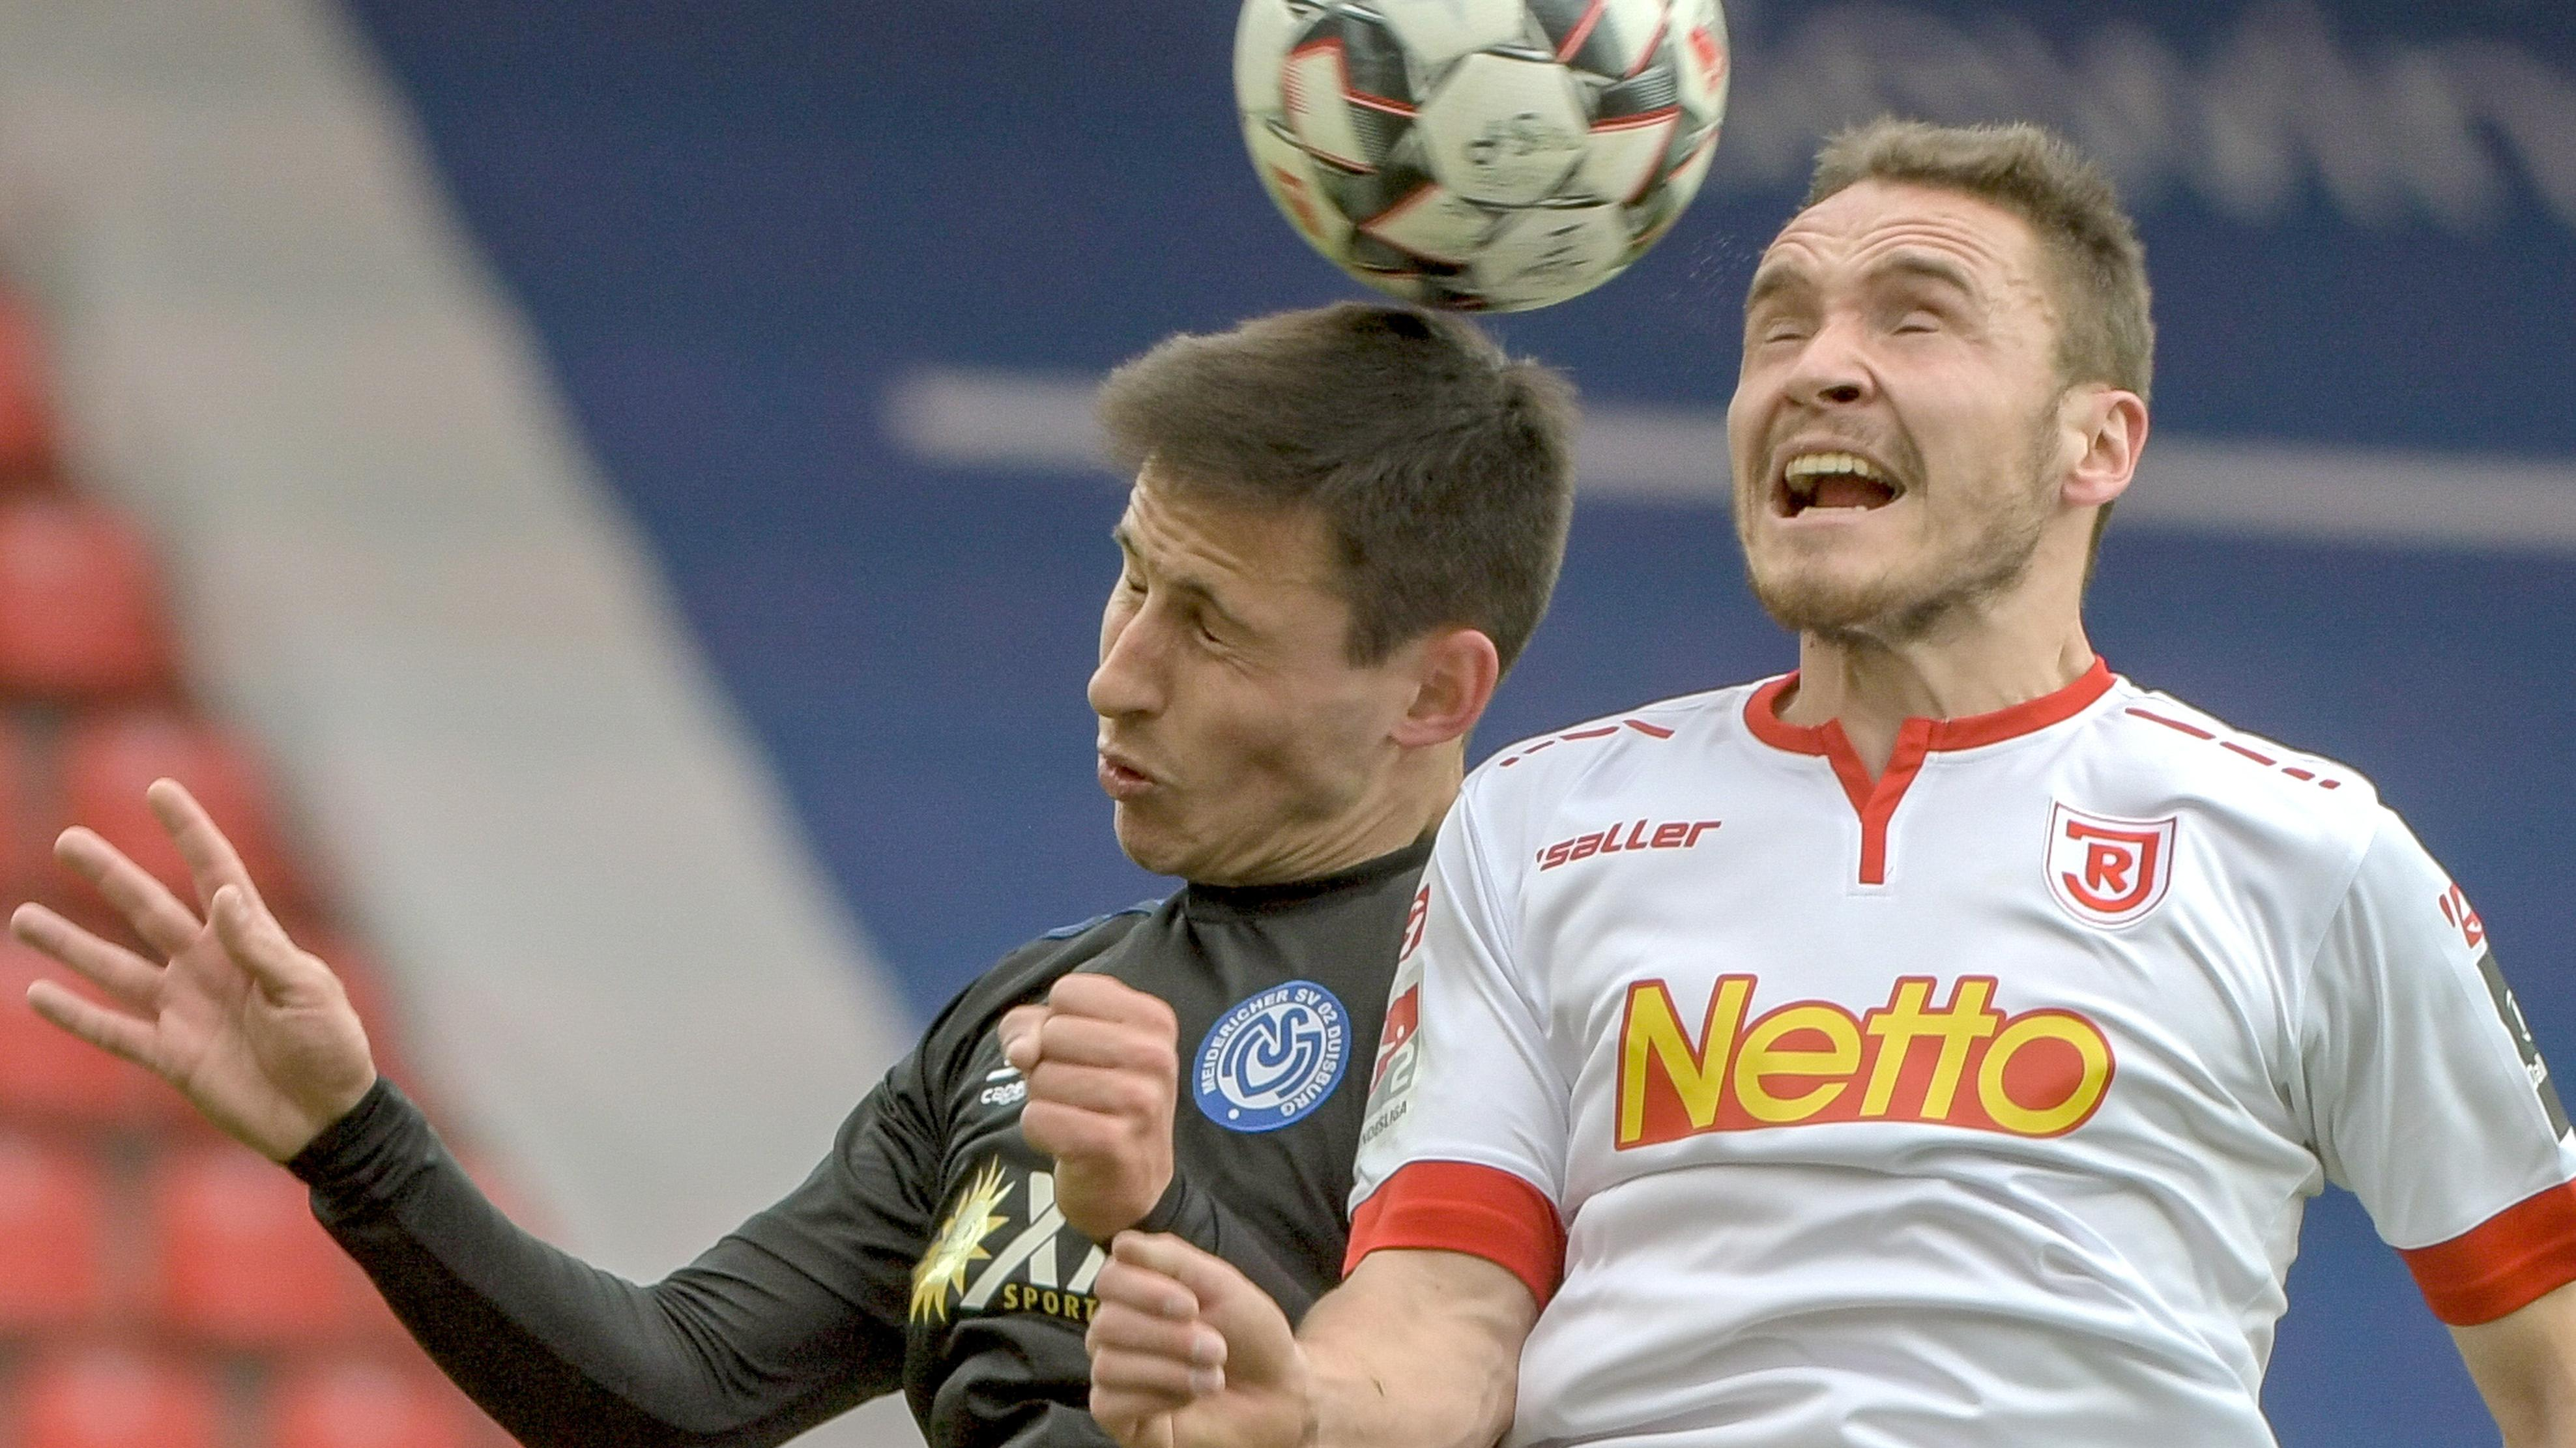 Andreas Geipl von Regensburg (r.) und Fabian Schnellhardt von Duisburg